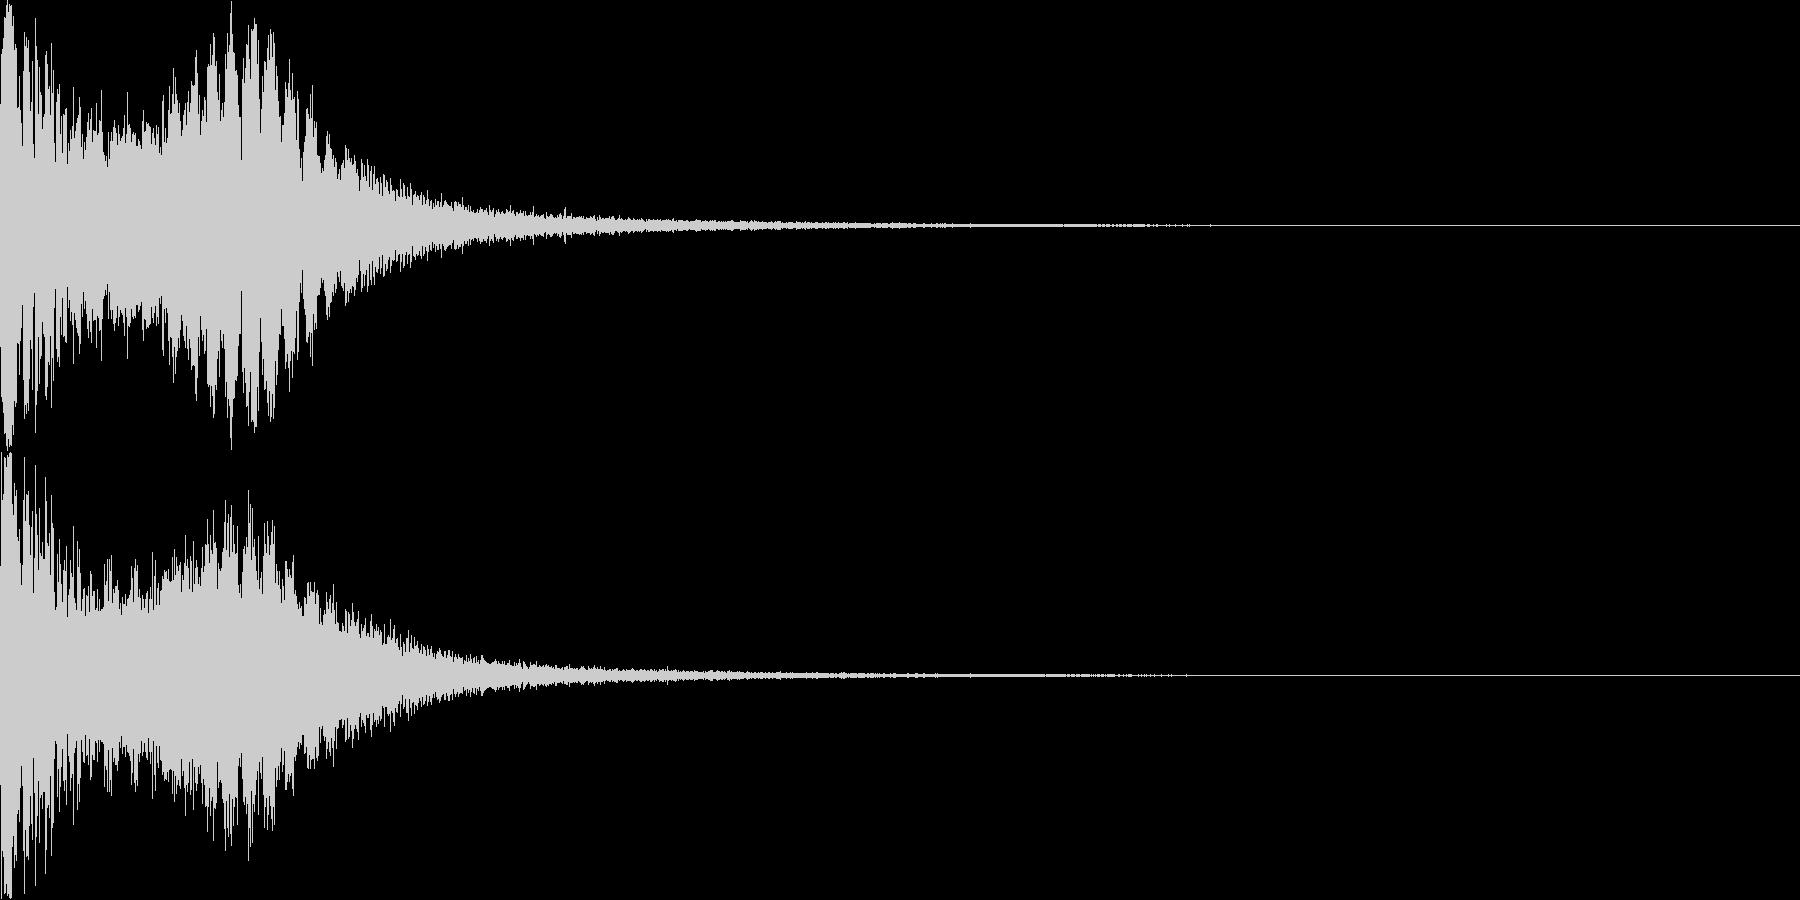 ロボット 合体 ガシーン キュイン 01の未再生の波形